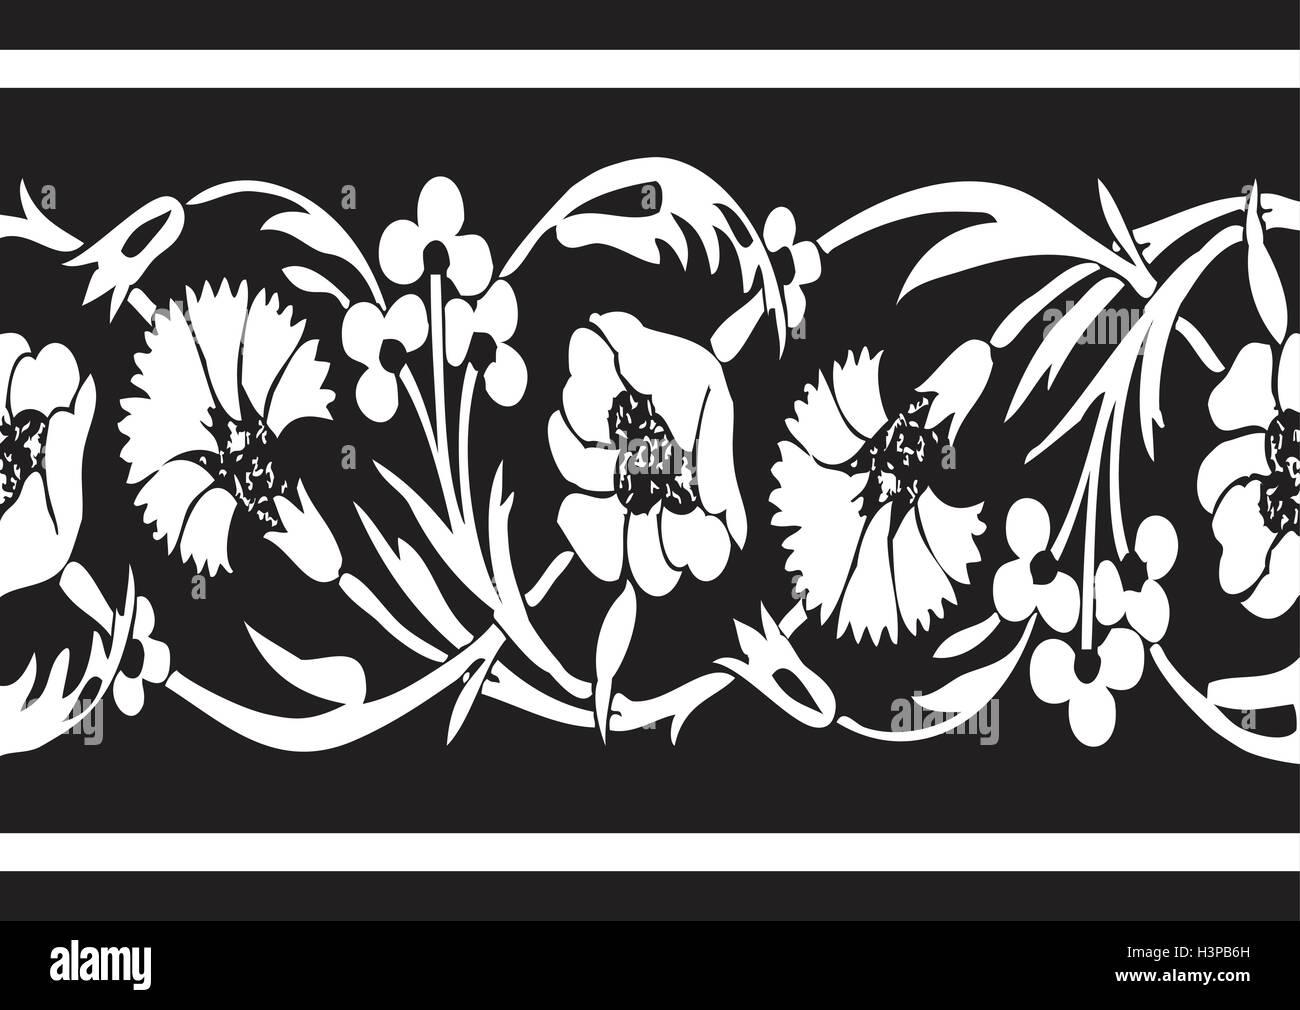 En Blanco Y Negro Vintage Flores Borde Floral Perfecta Ilustracion